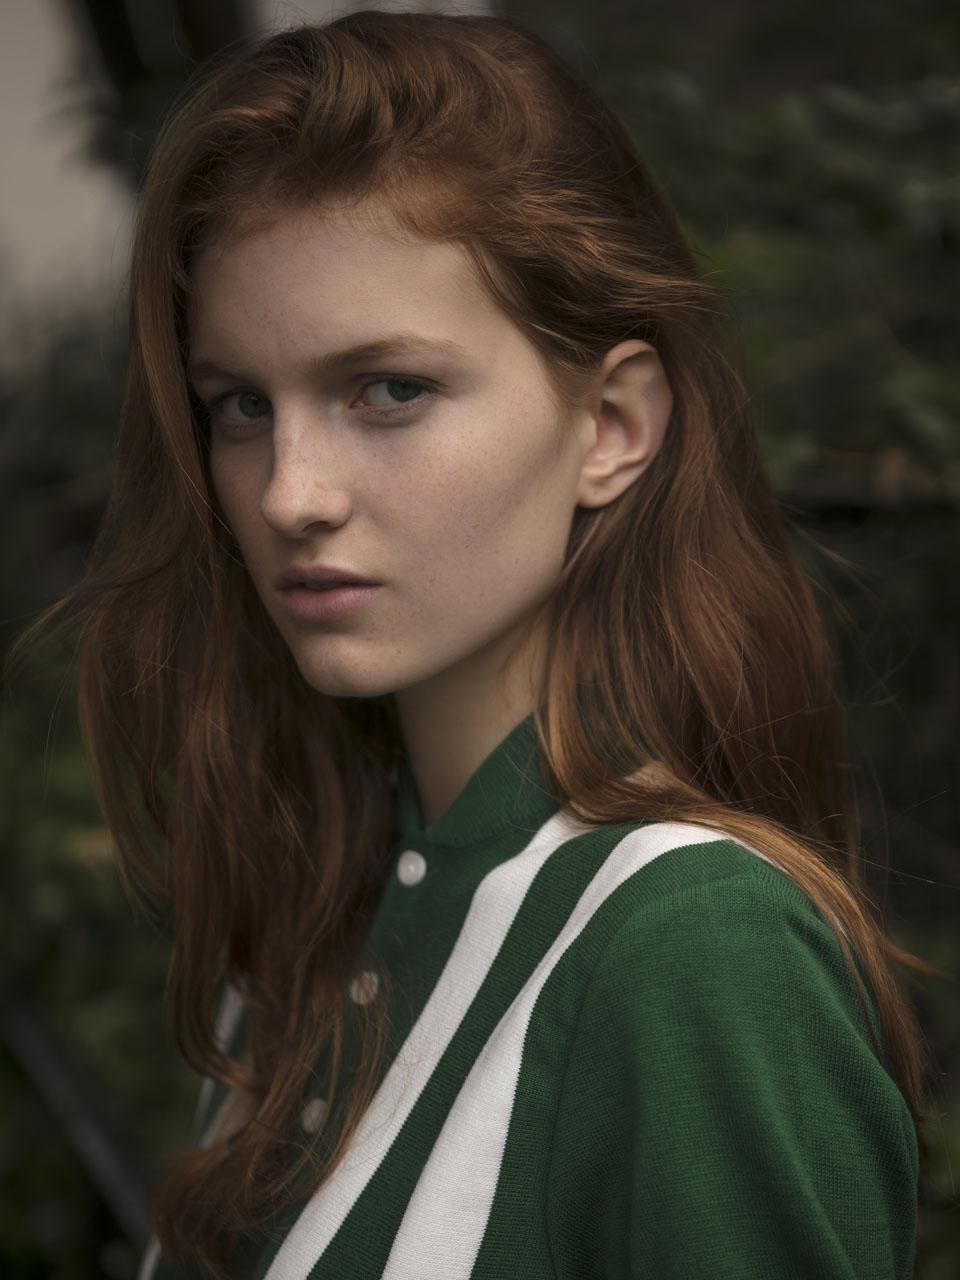 Lilli Biersack